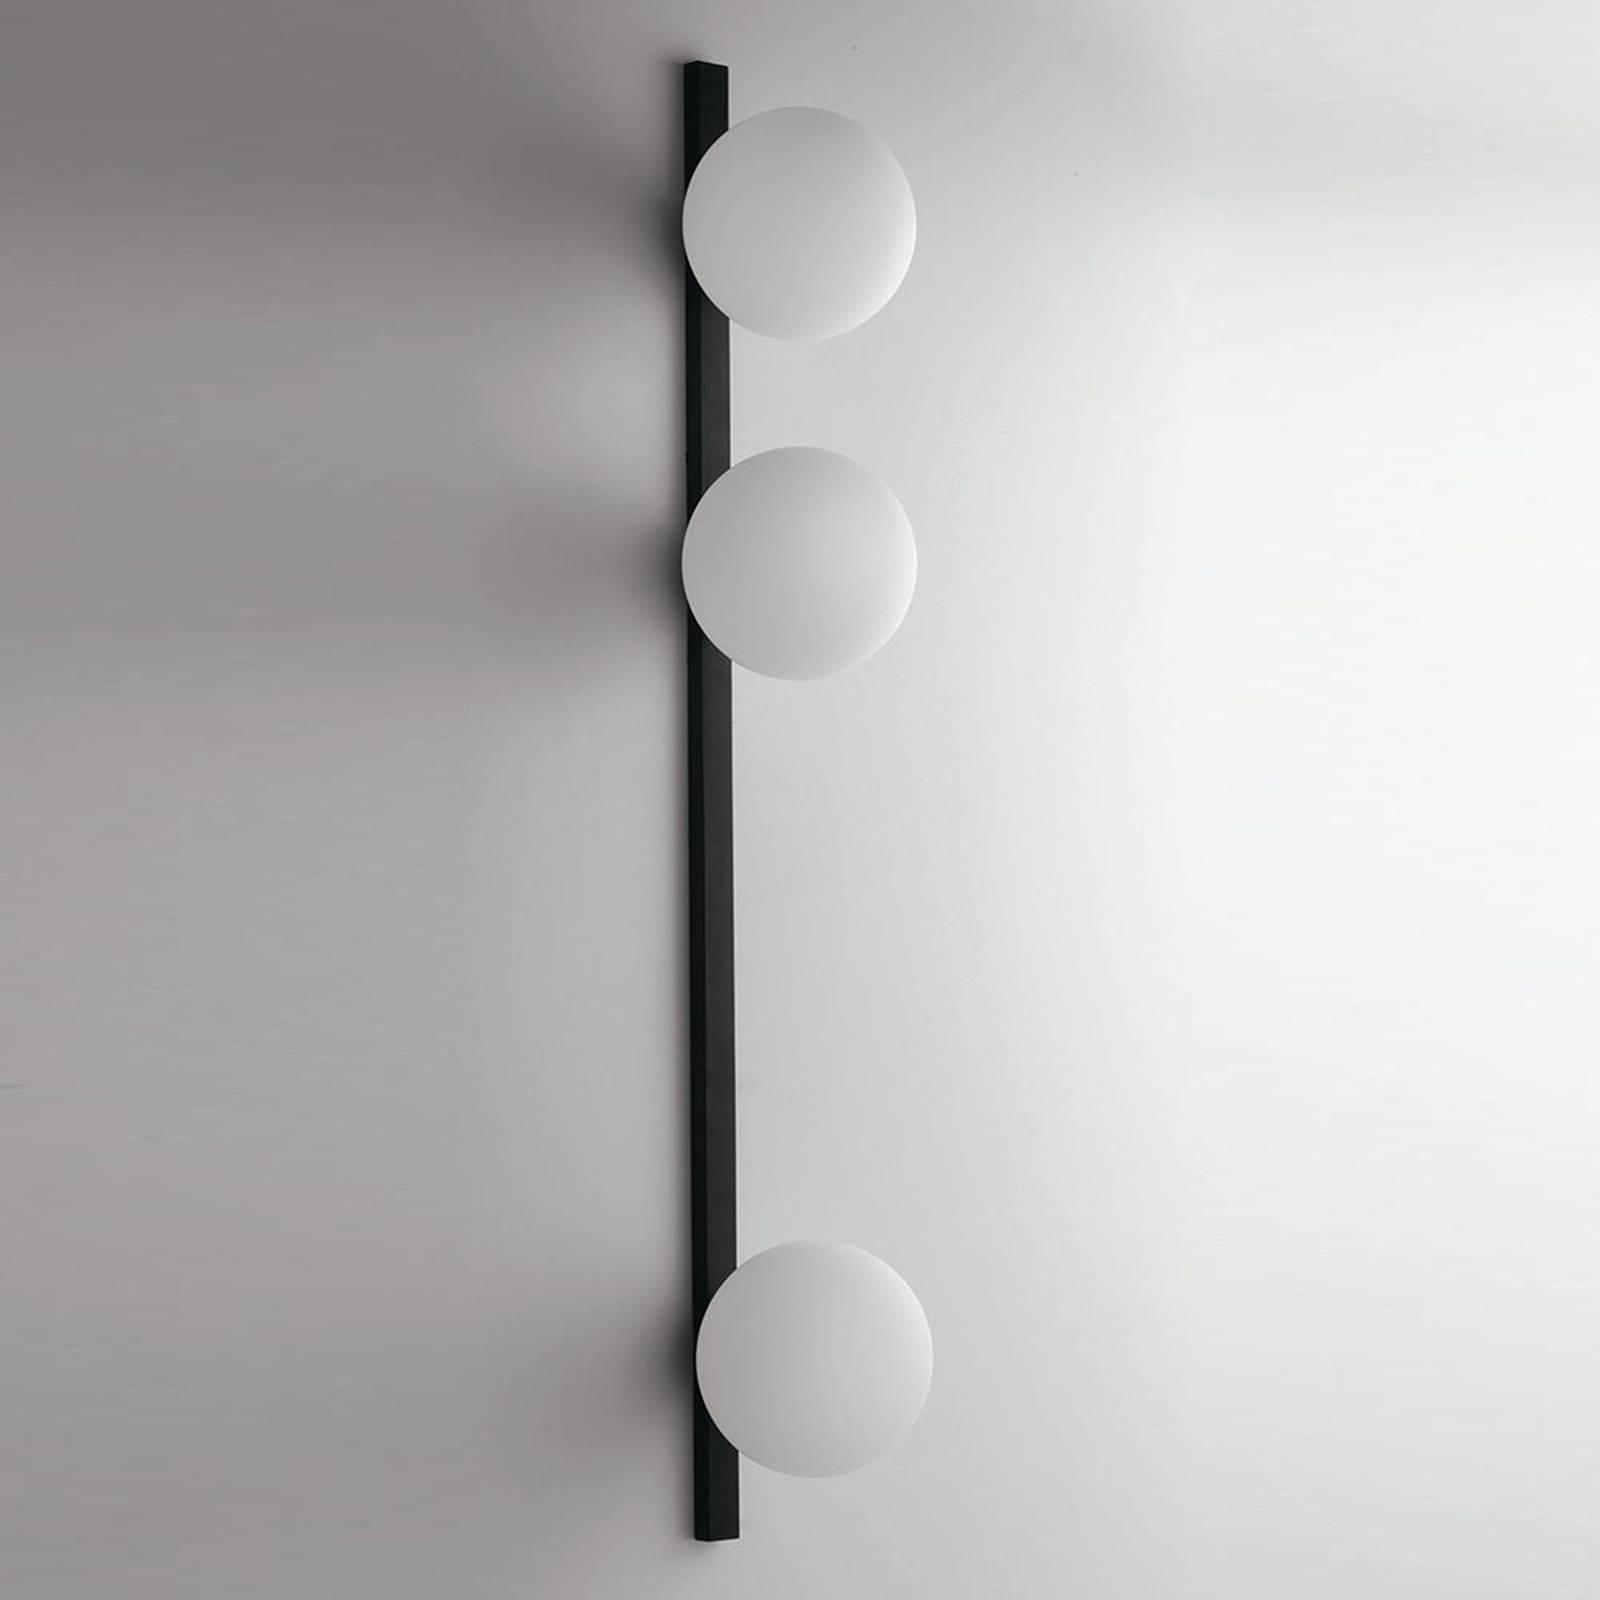 Seinävalaisin Enoire musta ja valkoinen, 3-lamp.